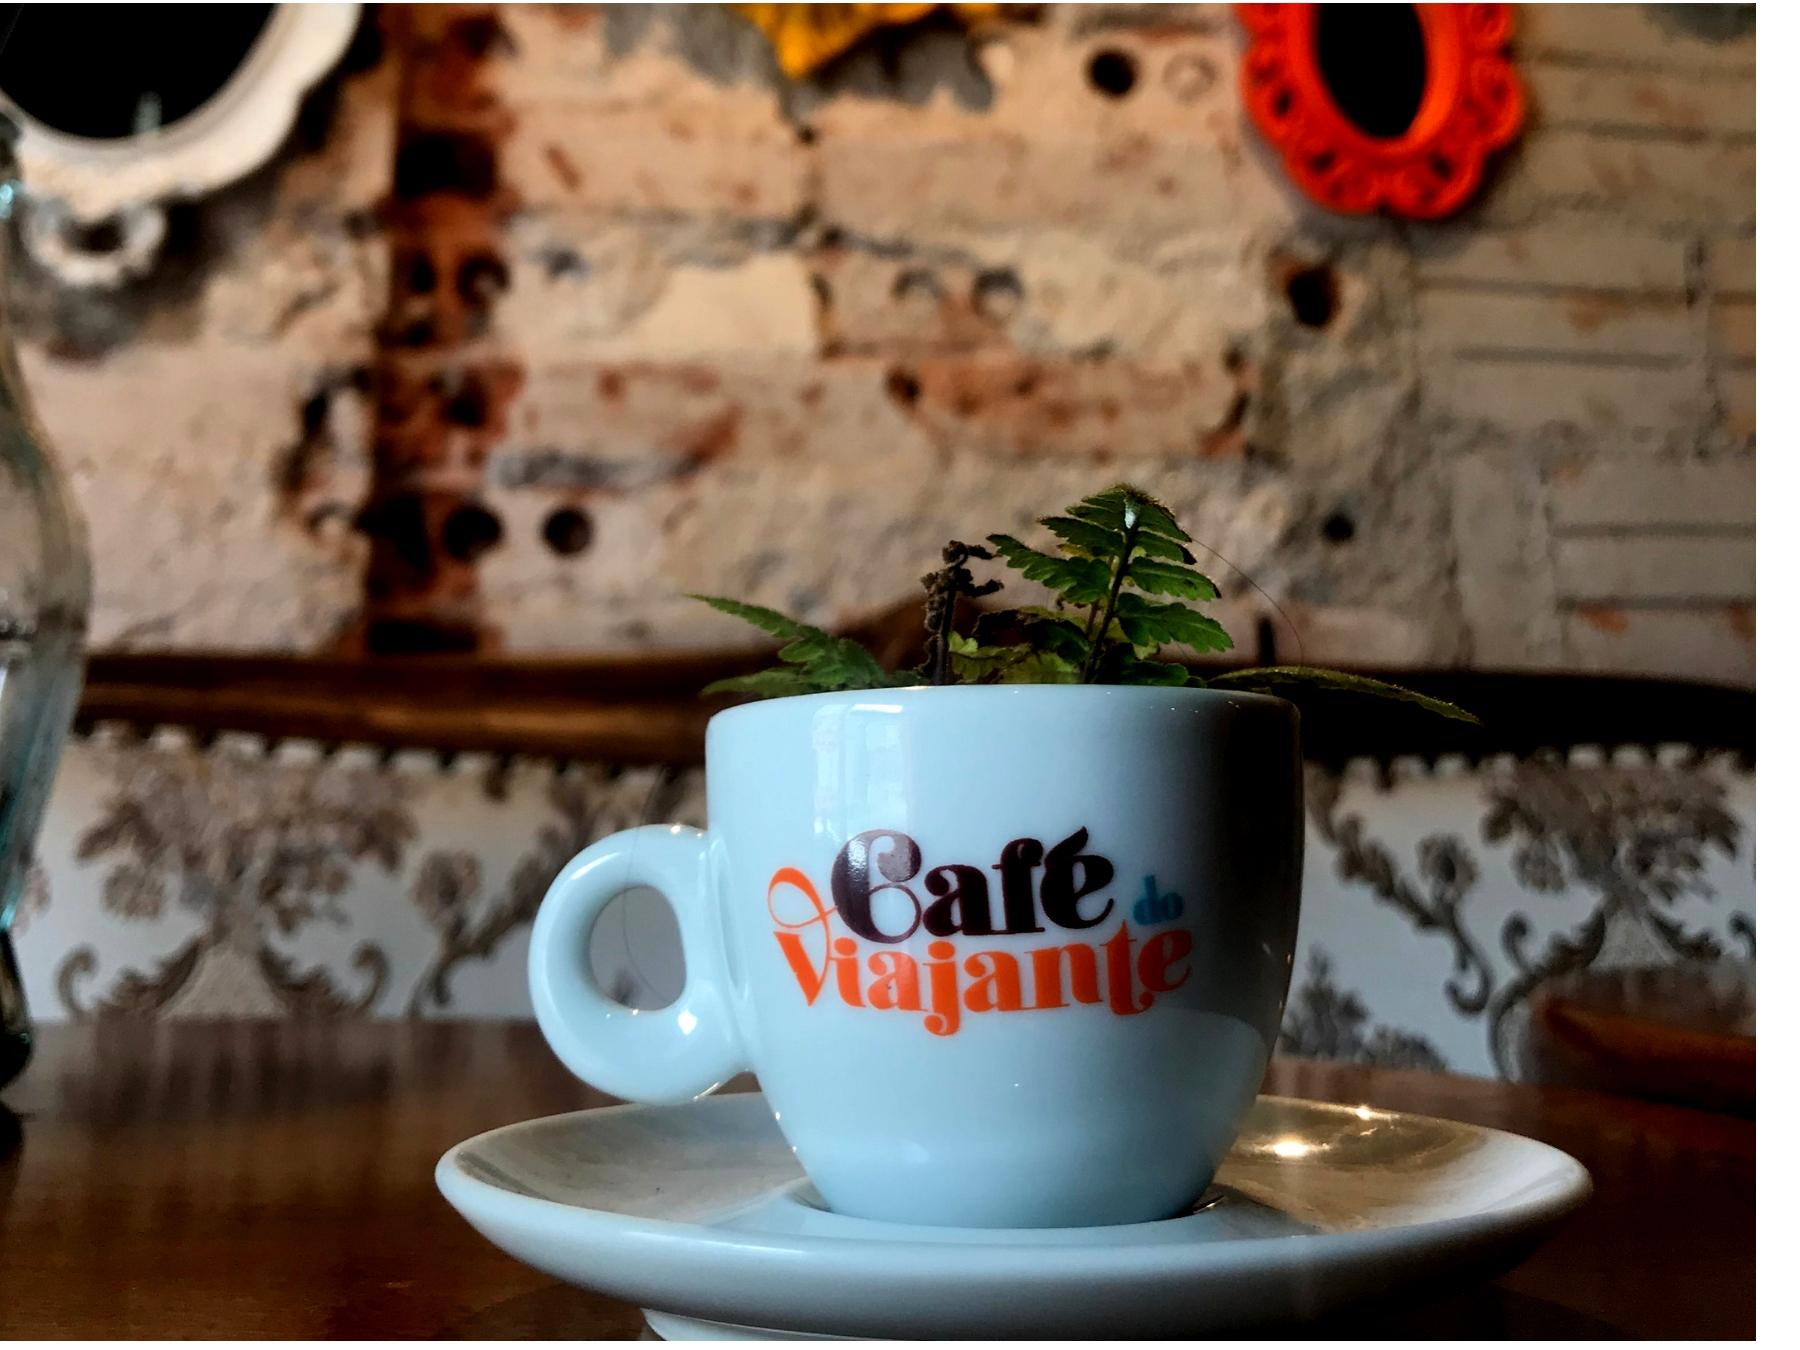 20-melhores-cafés-para-conhecer-em-Curitiba-cafe-do-viajante Os 20 melhores cafés para conhecer em Curitiba